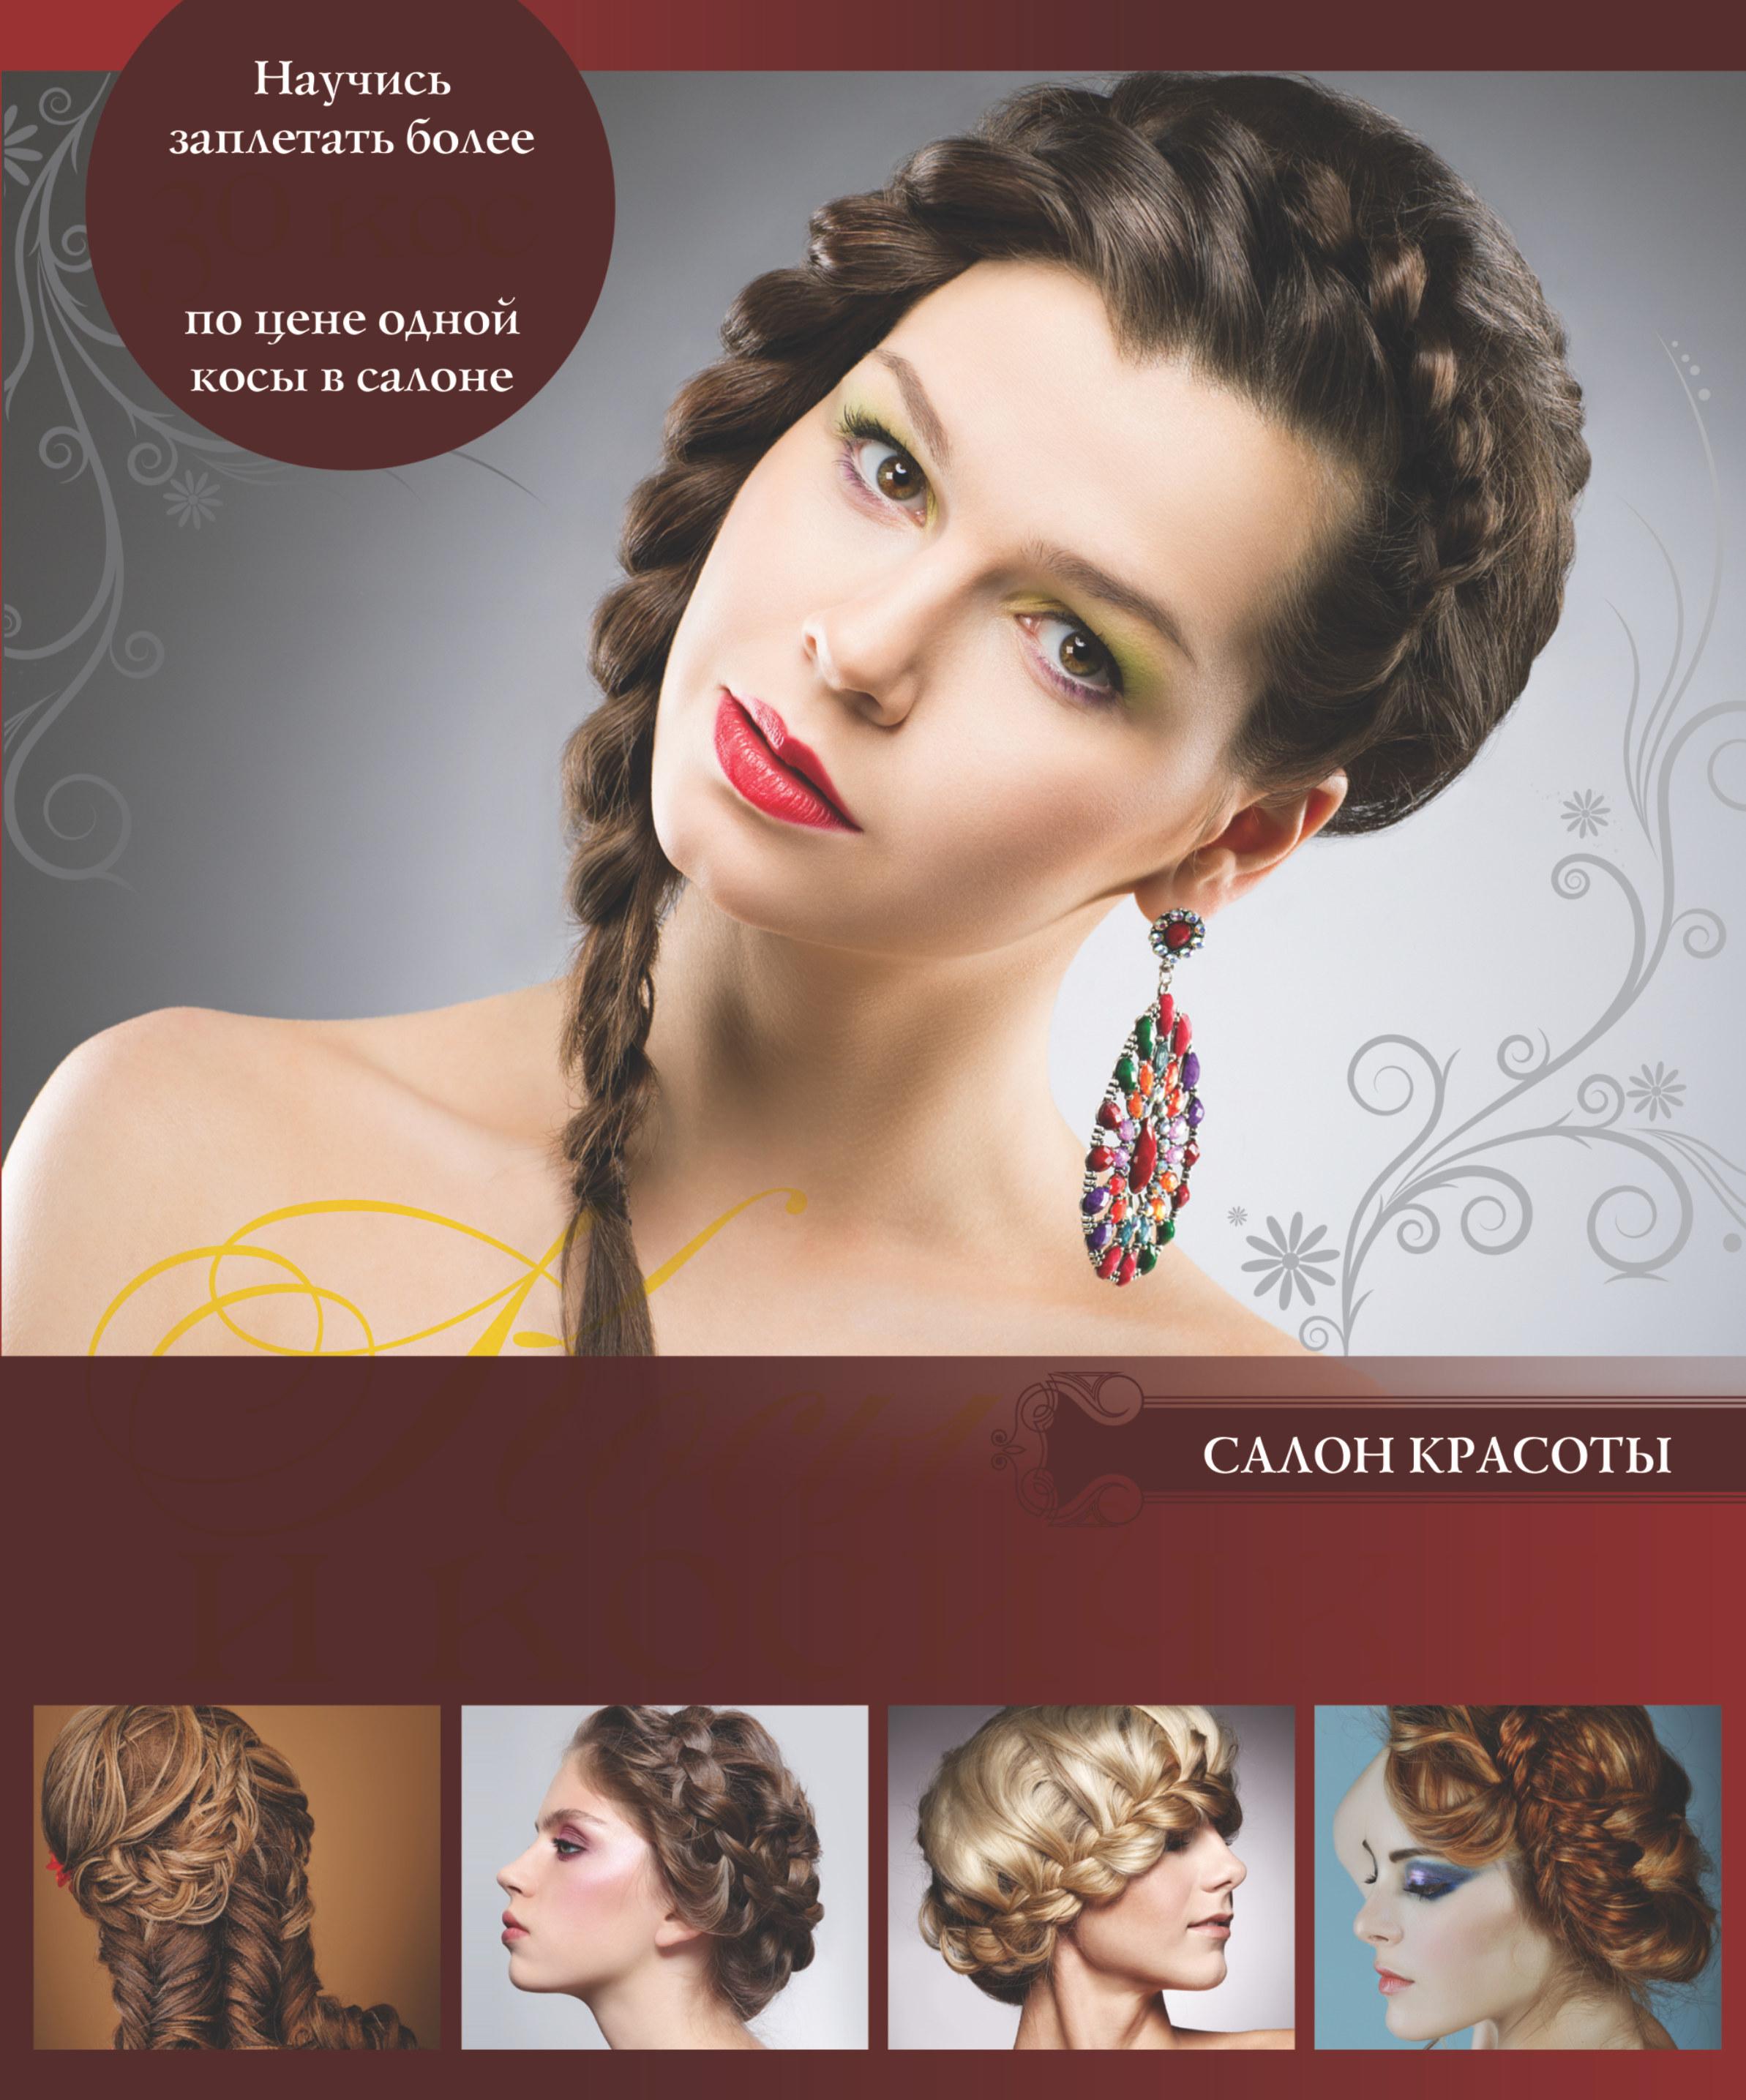 Косы и косички aisi hair 100g pcs 24inch kanekalon гигантский косы волосыломбер две тонныцветные синтетические волосы для кукол вязание крю